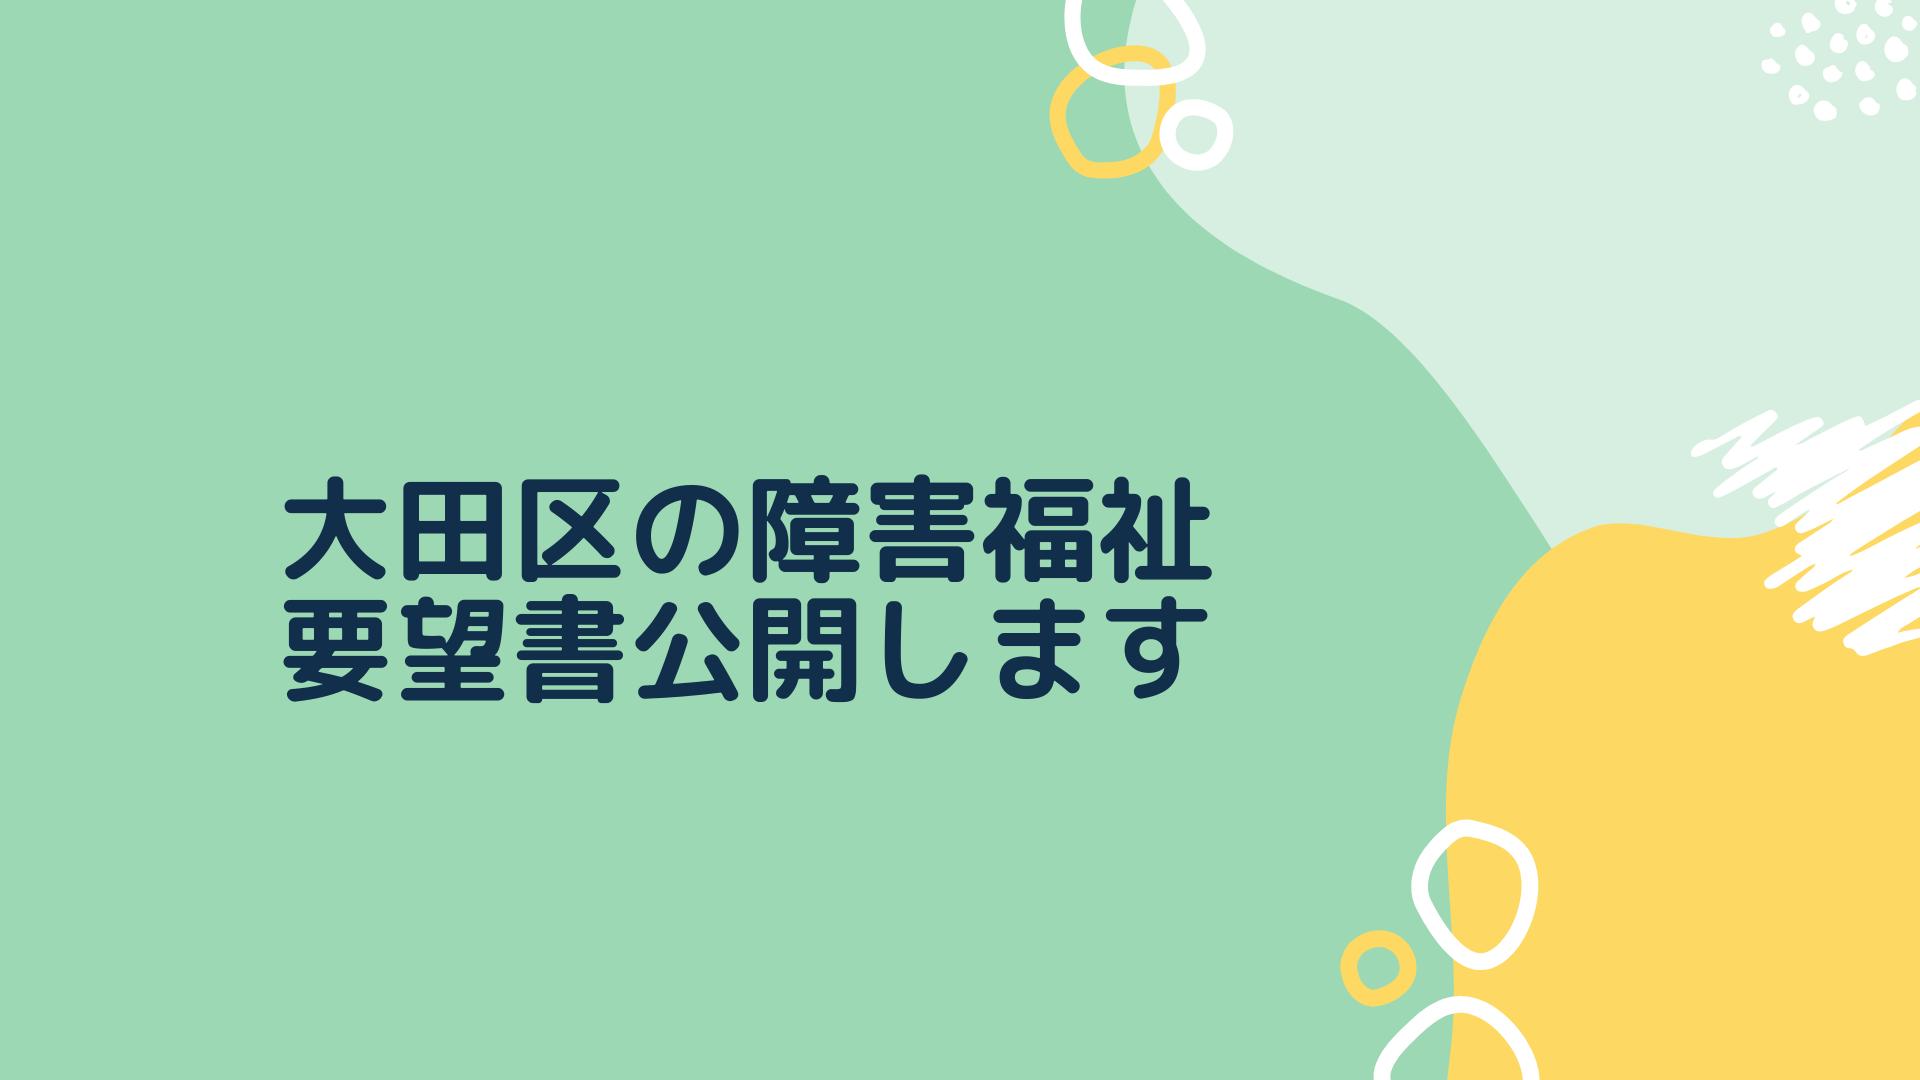 【ご報告】大田区の障害福祉に係る要望書2019